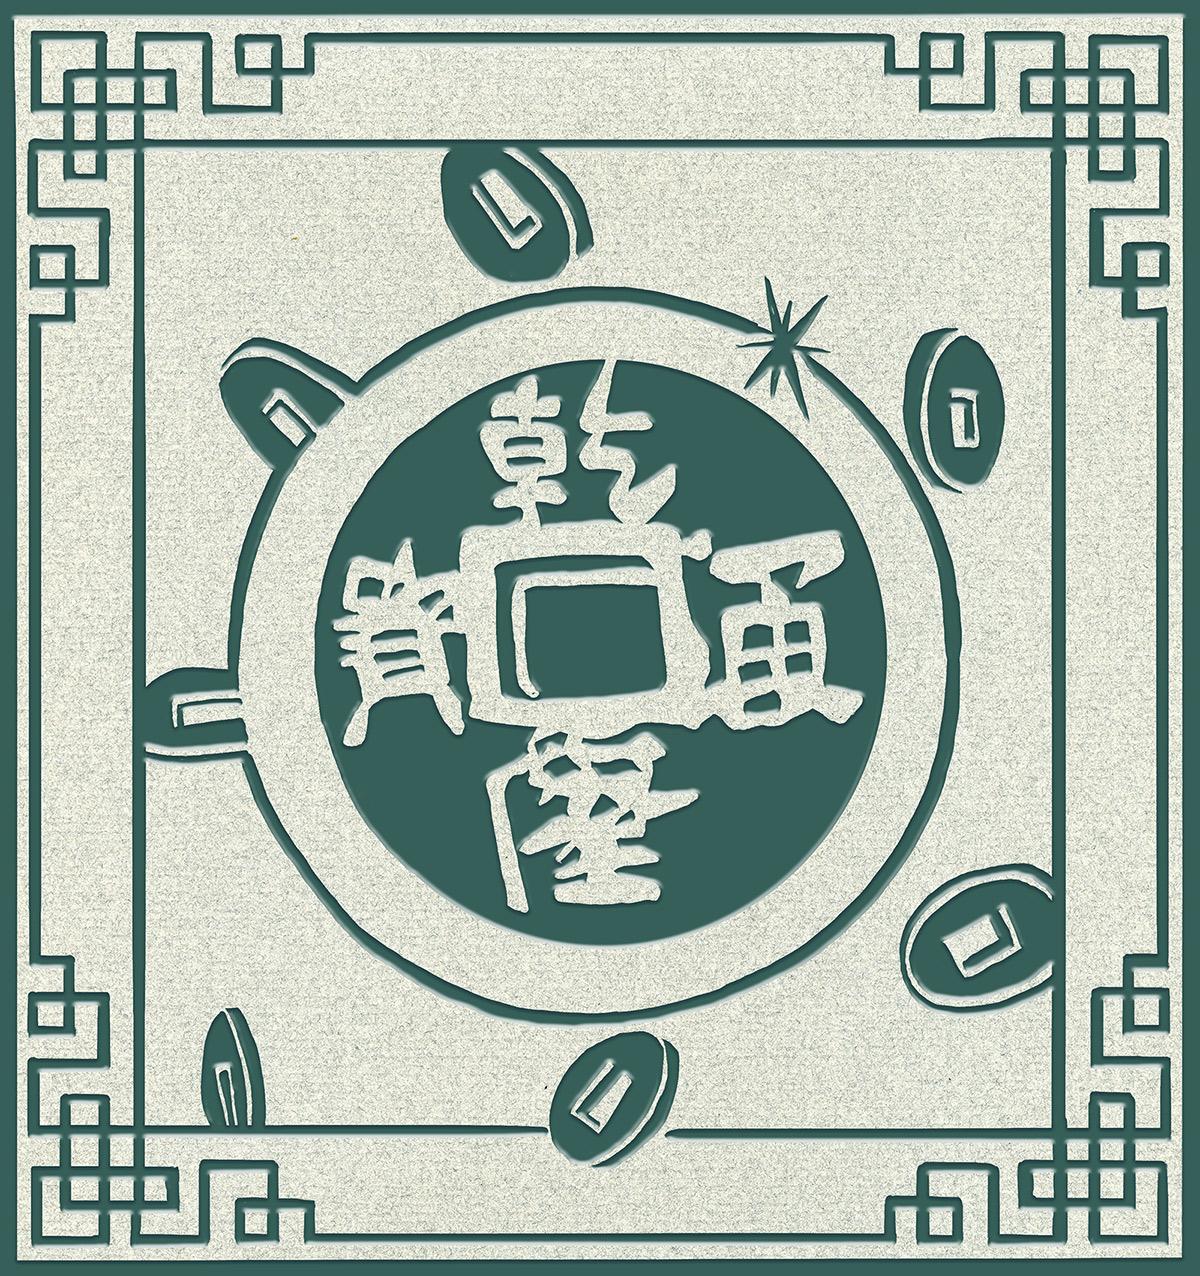 Fiona-Dunnett-Lunar-New-Year-Digital-Papercut-Coins-Illustration-by-Fiona-Dunnett.jpg